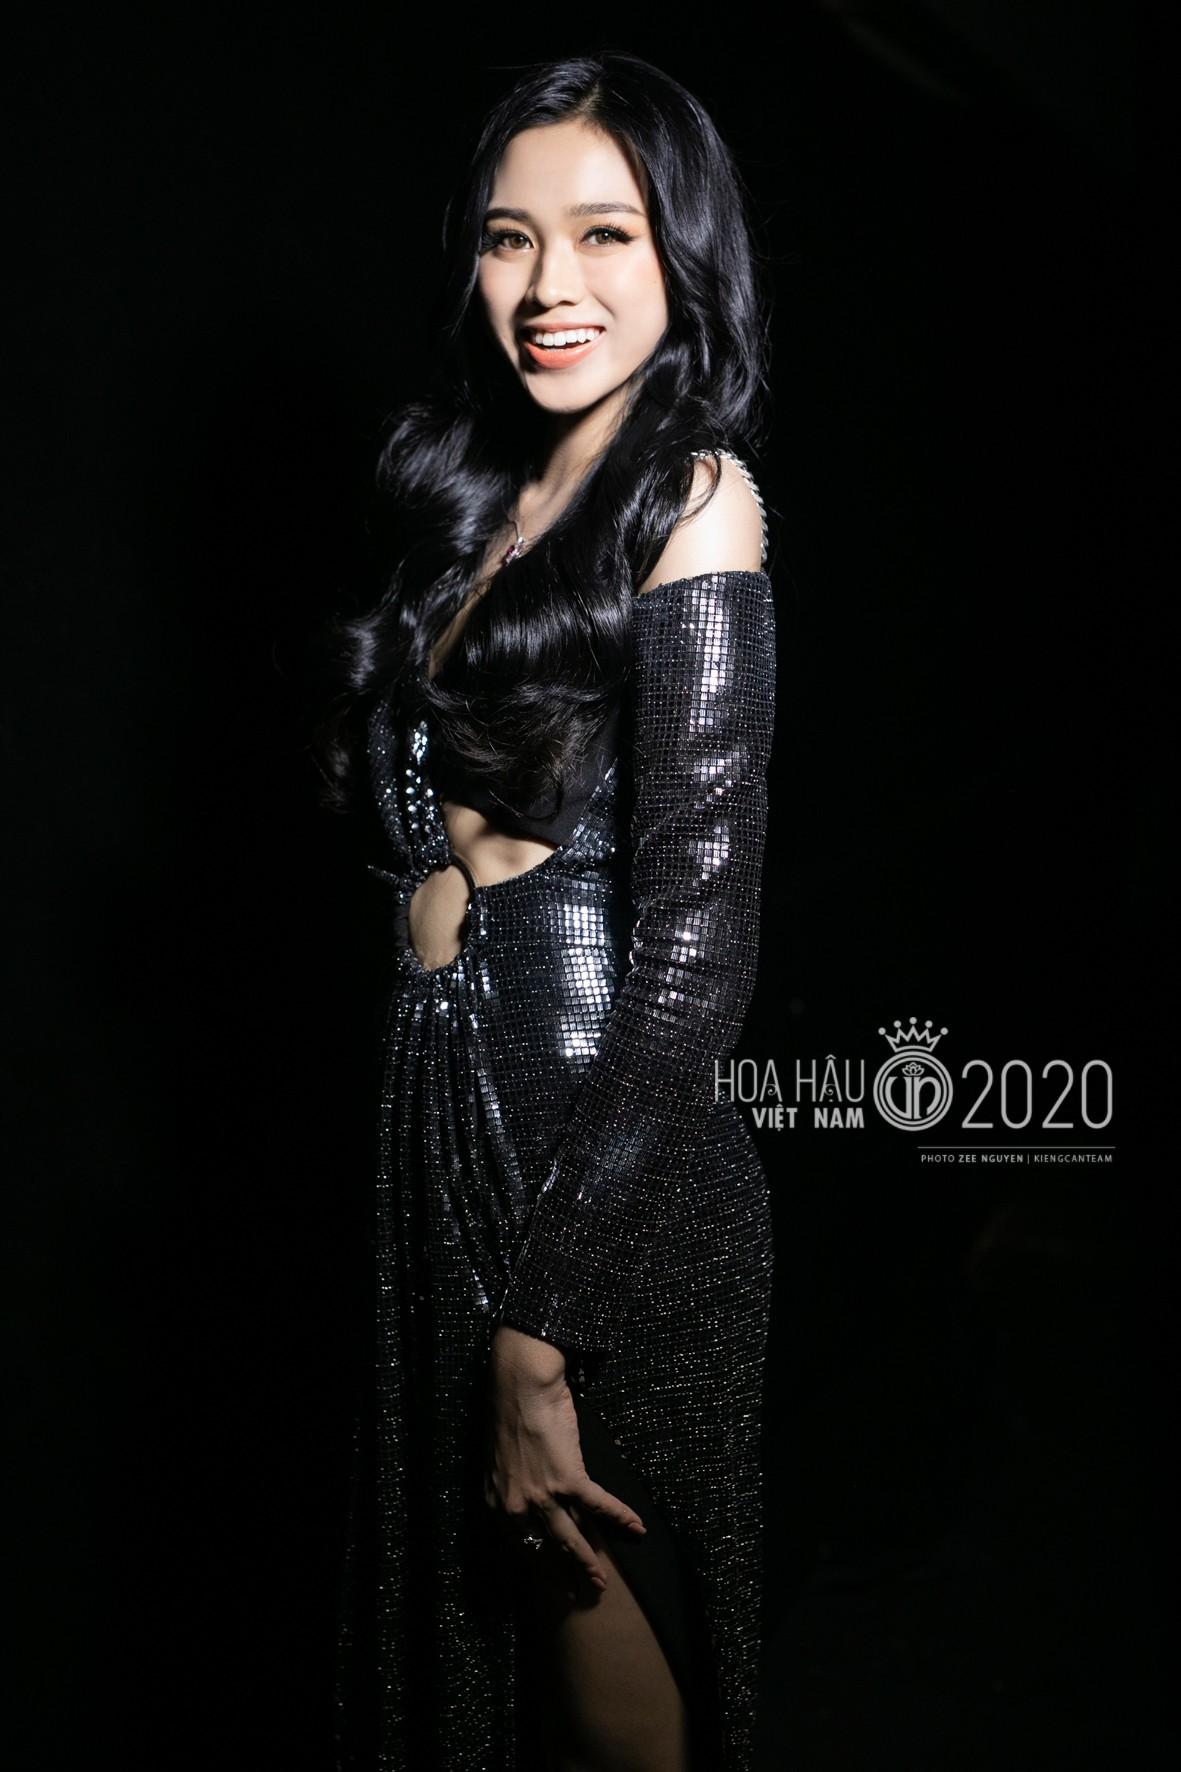 Hé lộ loạt ảnh hậu trường chung kết xinh đẹp của Hoa hậu Đỗ Thị Hà và các thí sinh ảnh 2